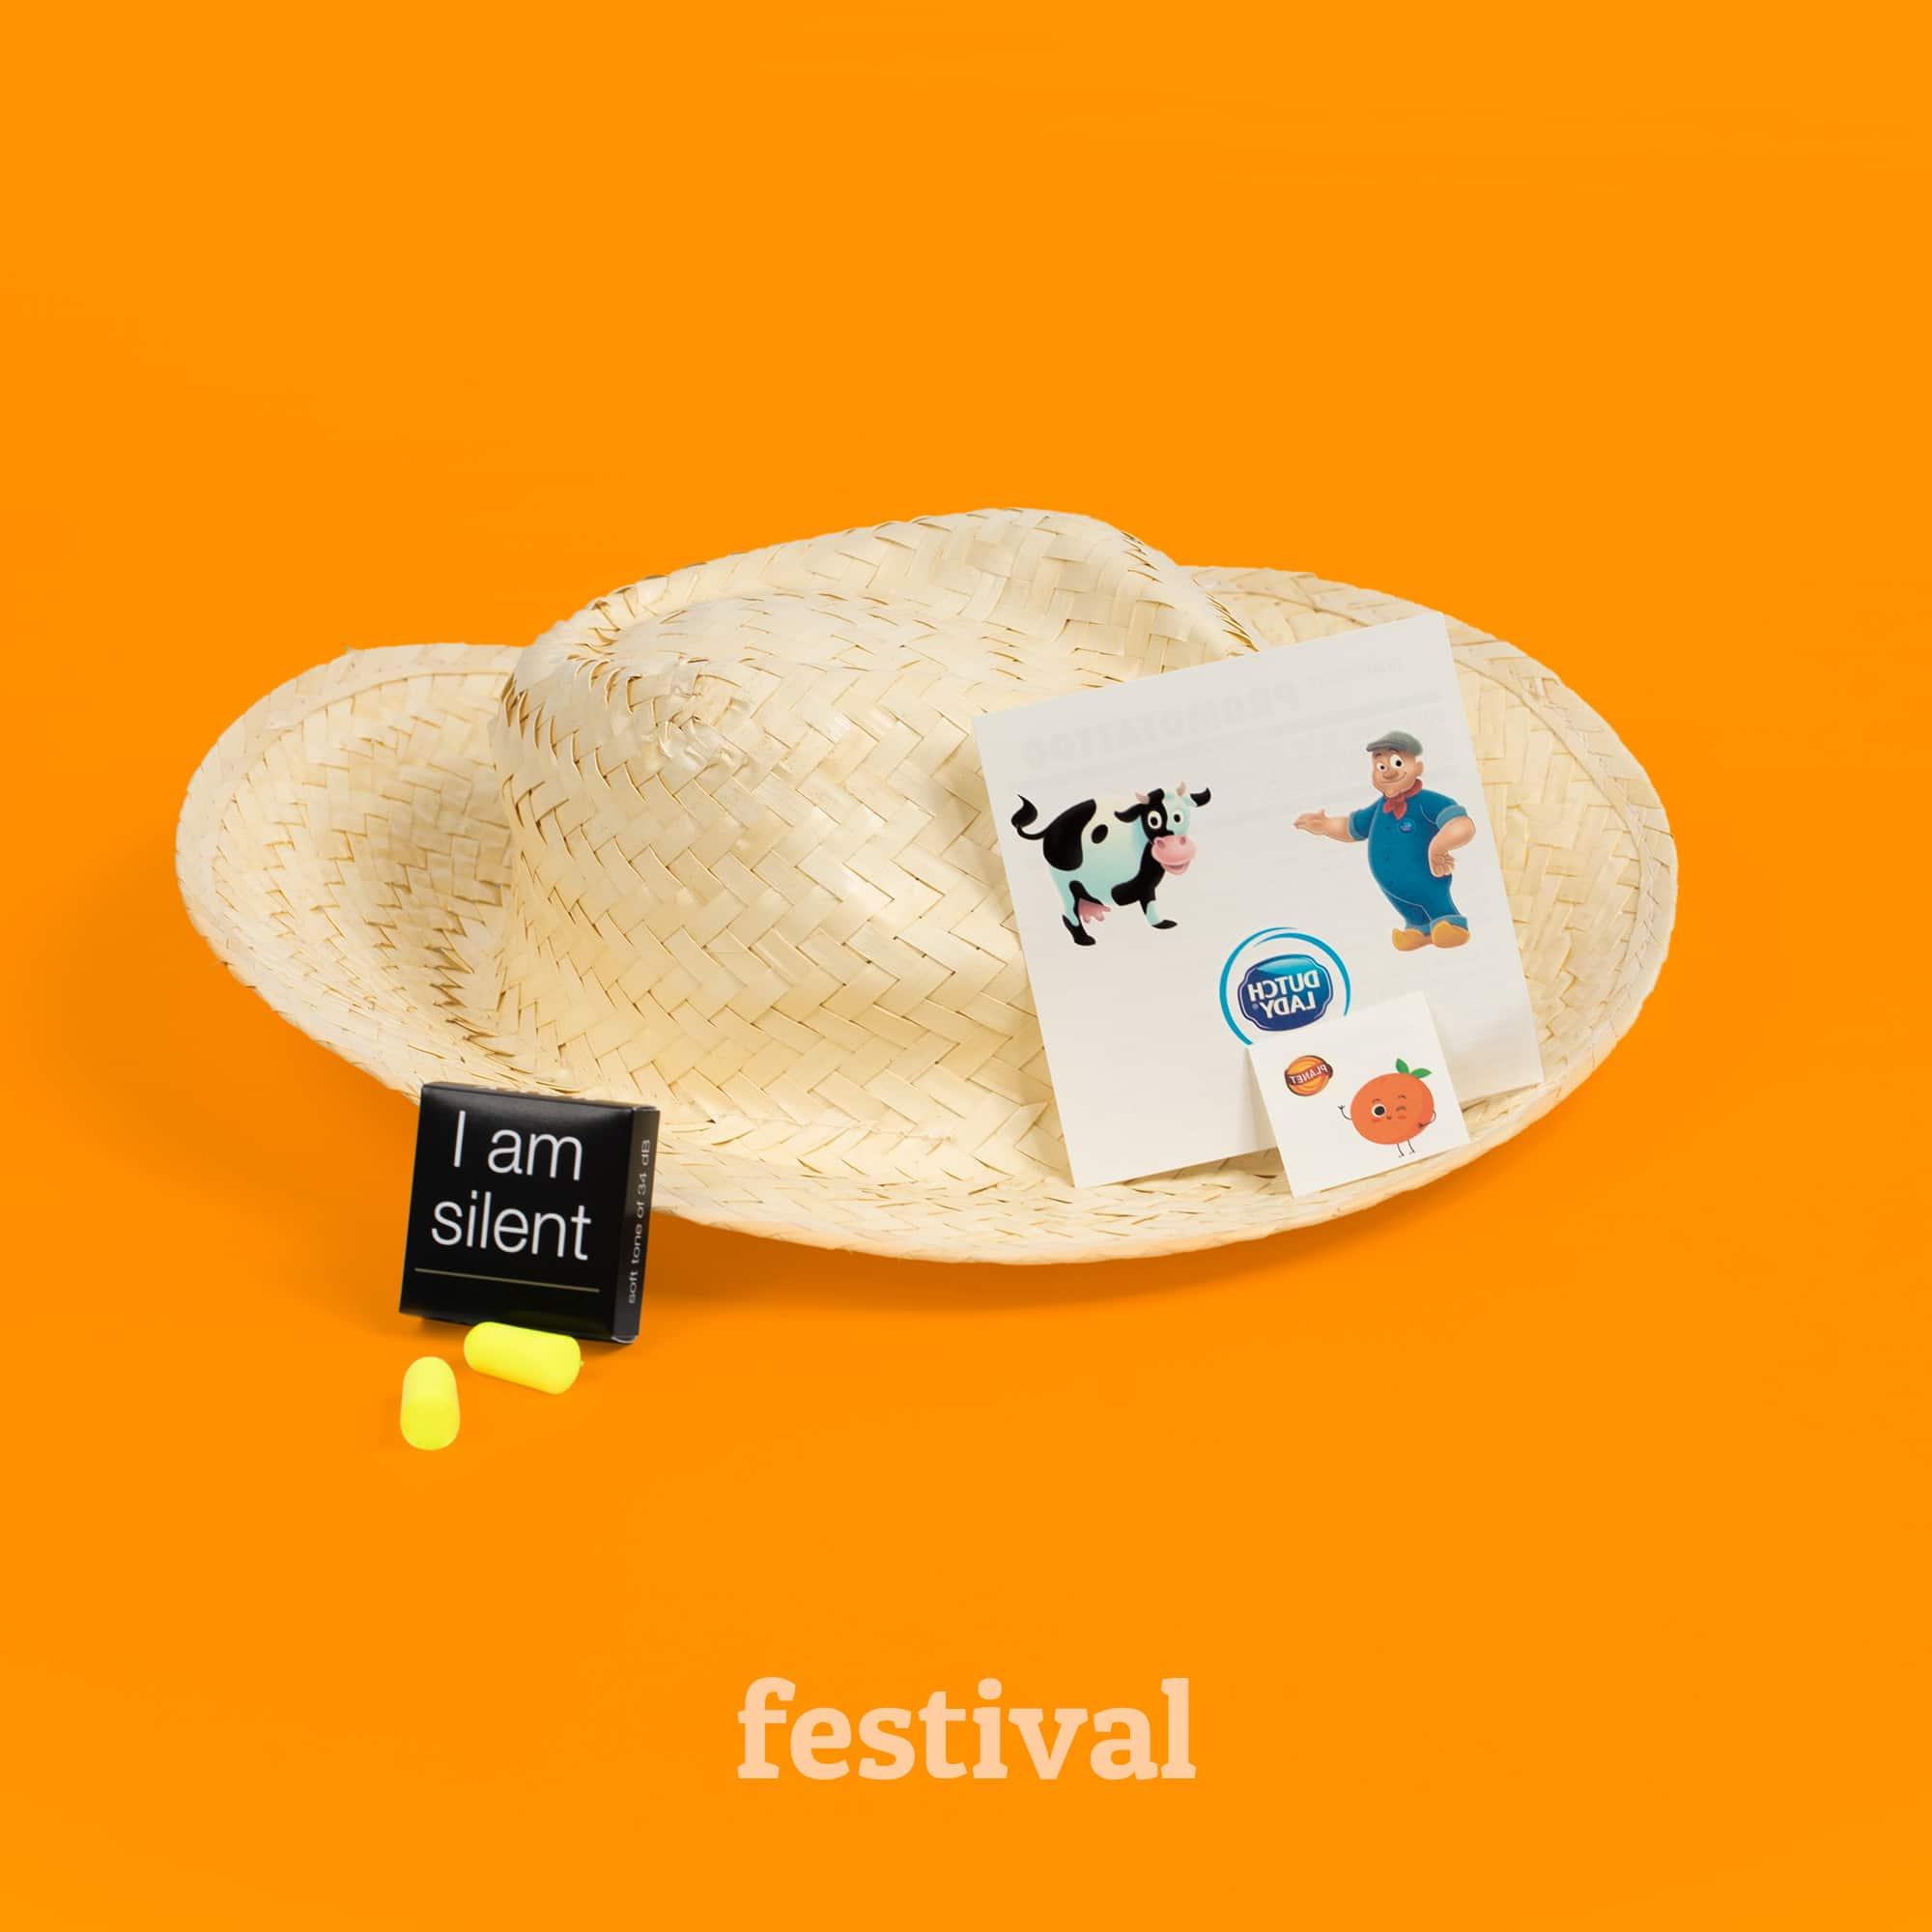 Cadeaus die mensen willen hebben op een festival